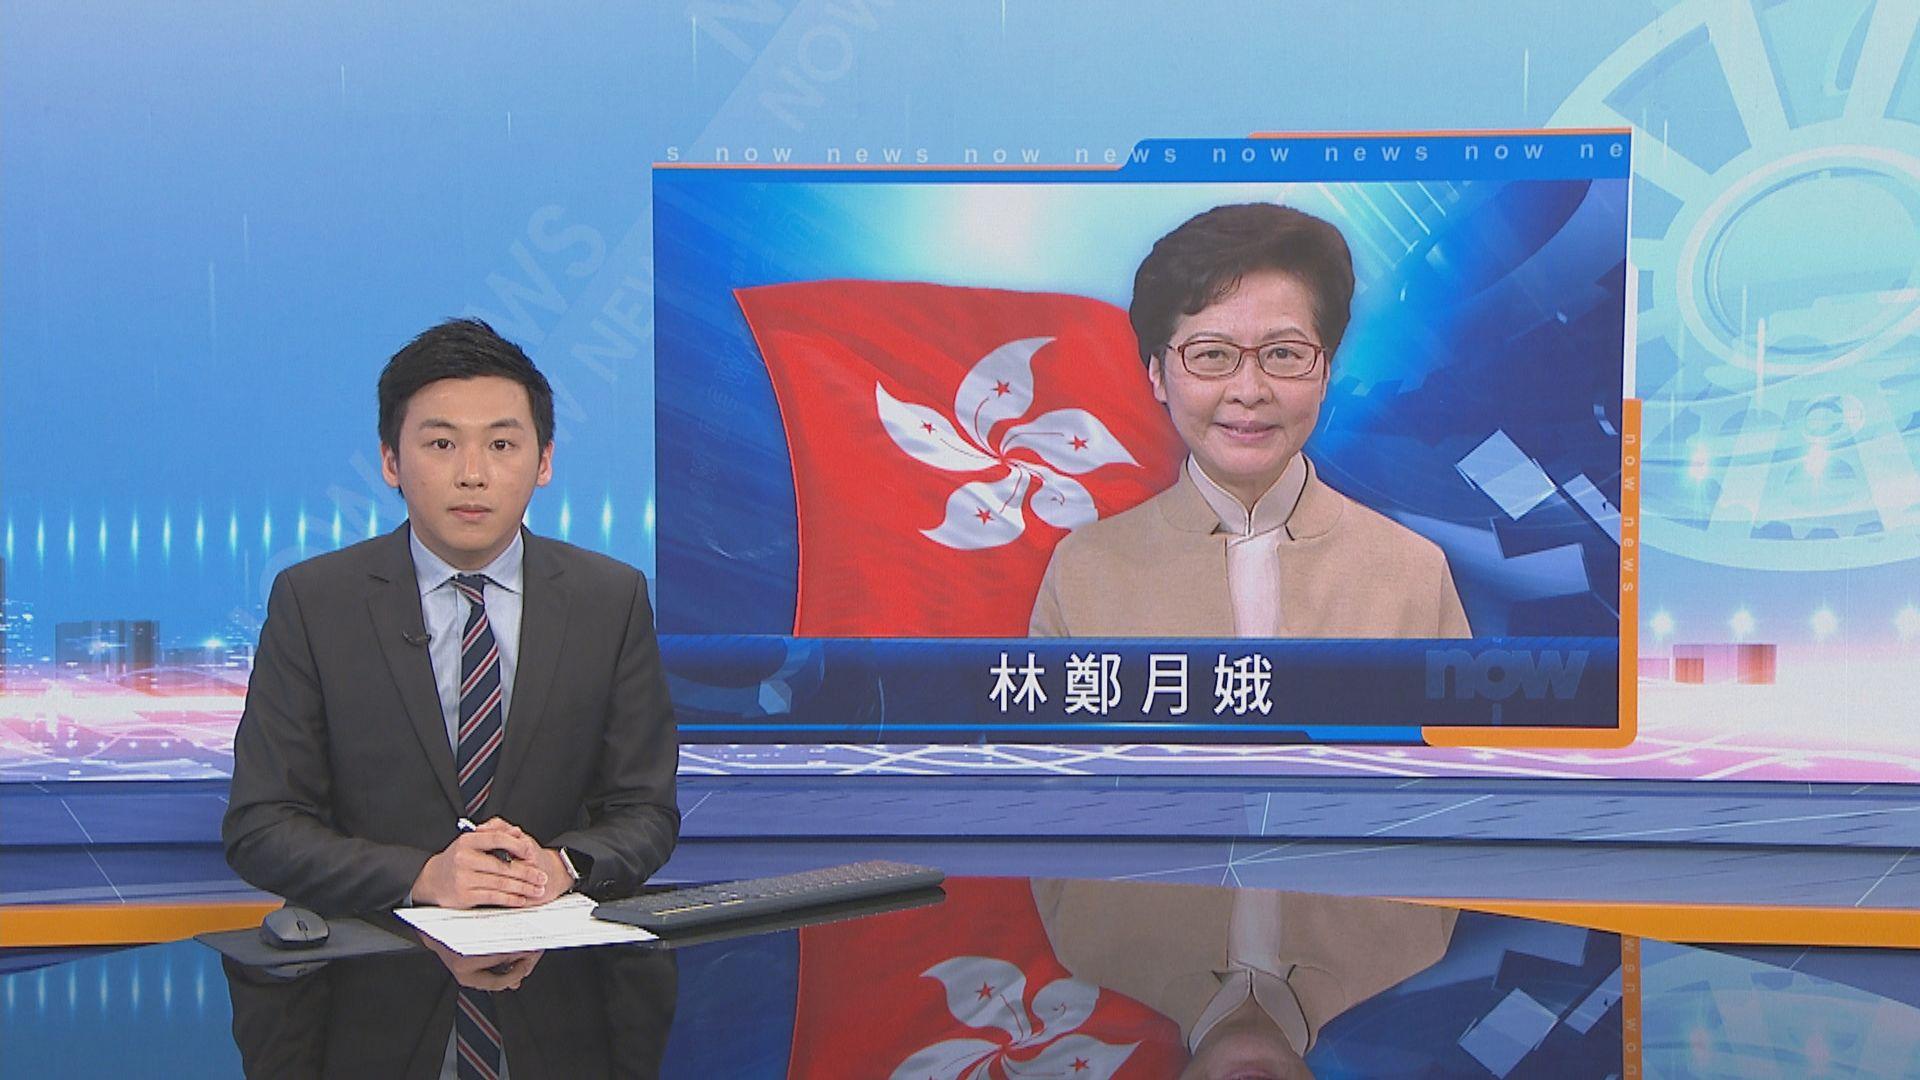 林鄭:社交距離措施將延長 食衞局下午公布詳情